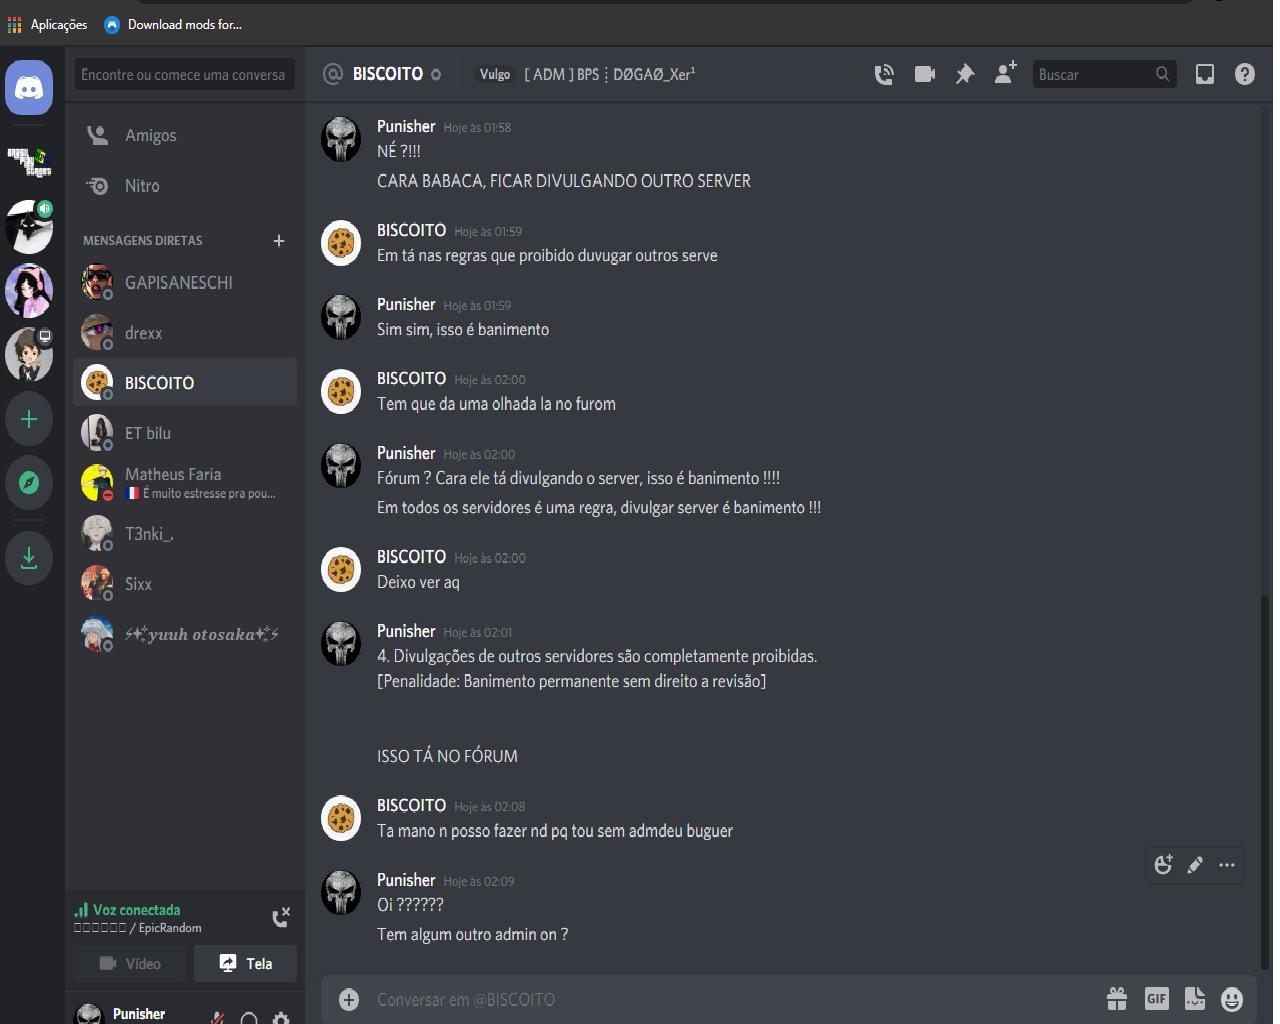 Denuncia Contra Administrador DOGAO_STAFF ADSSADS